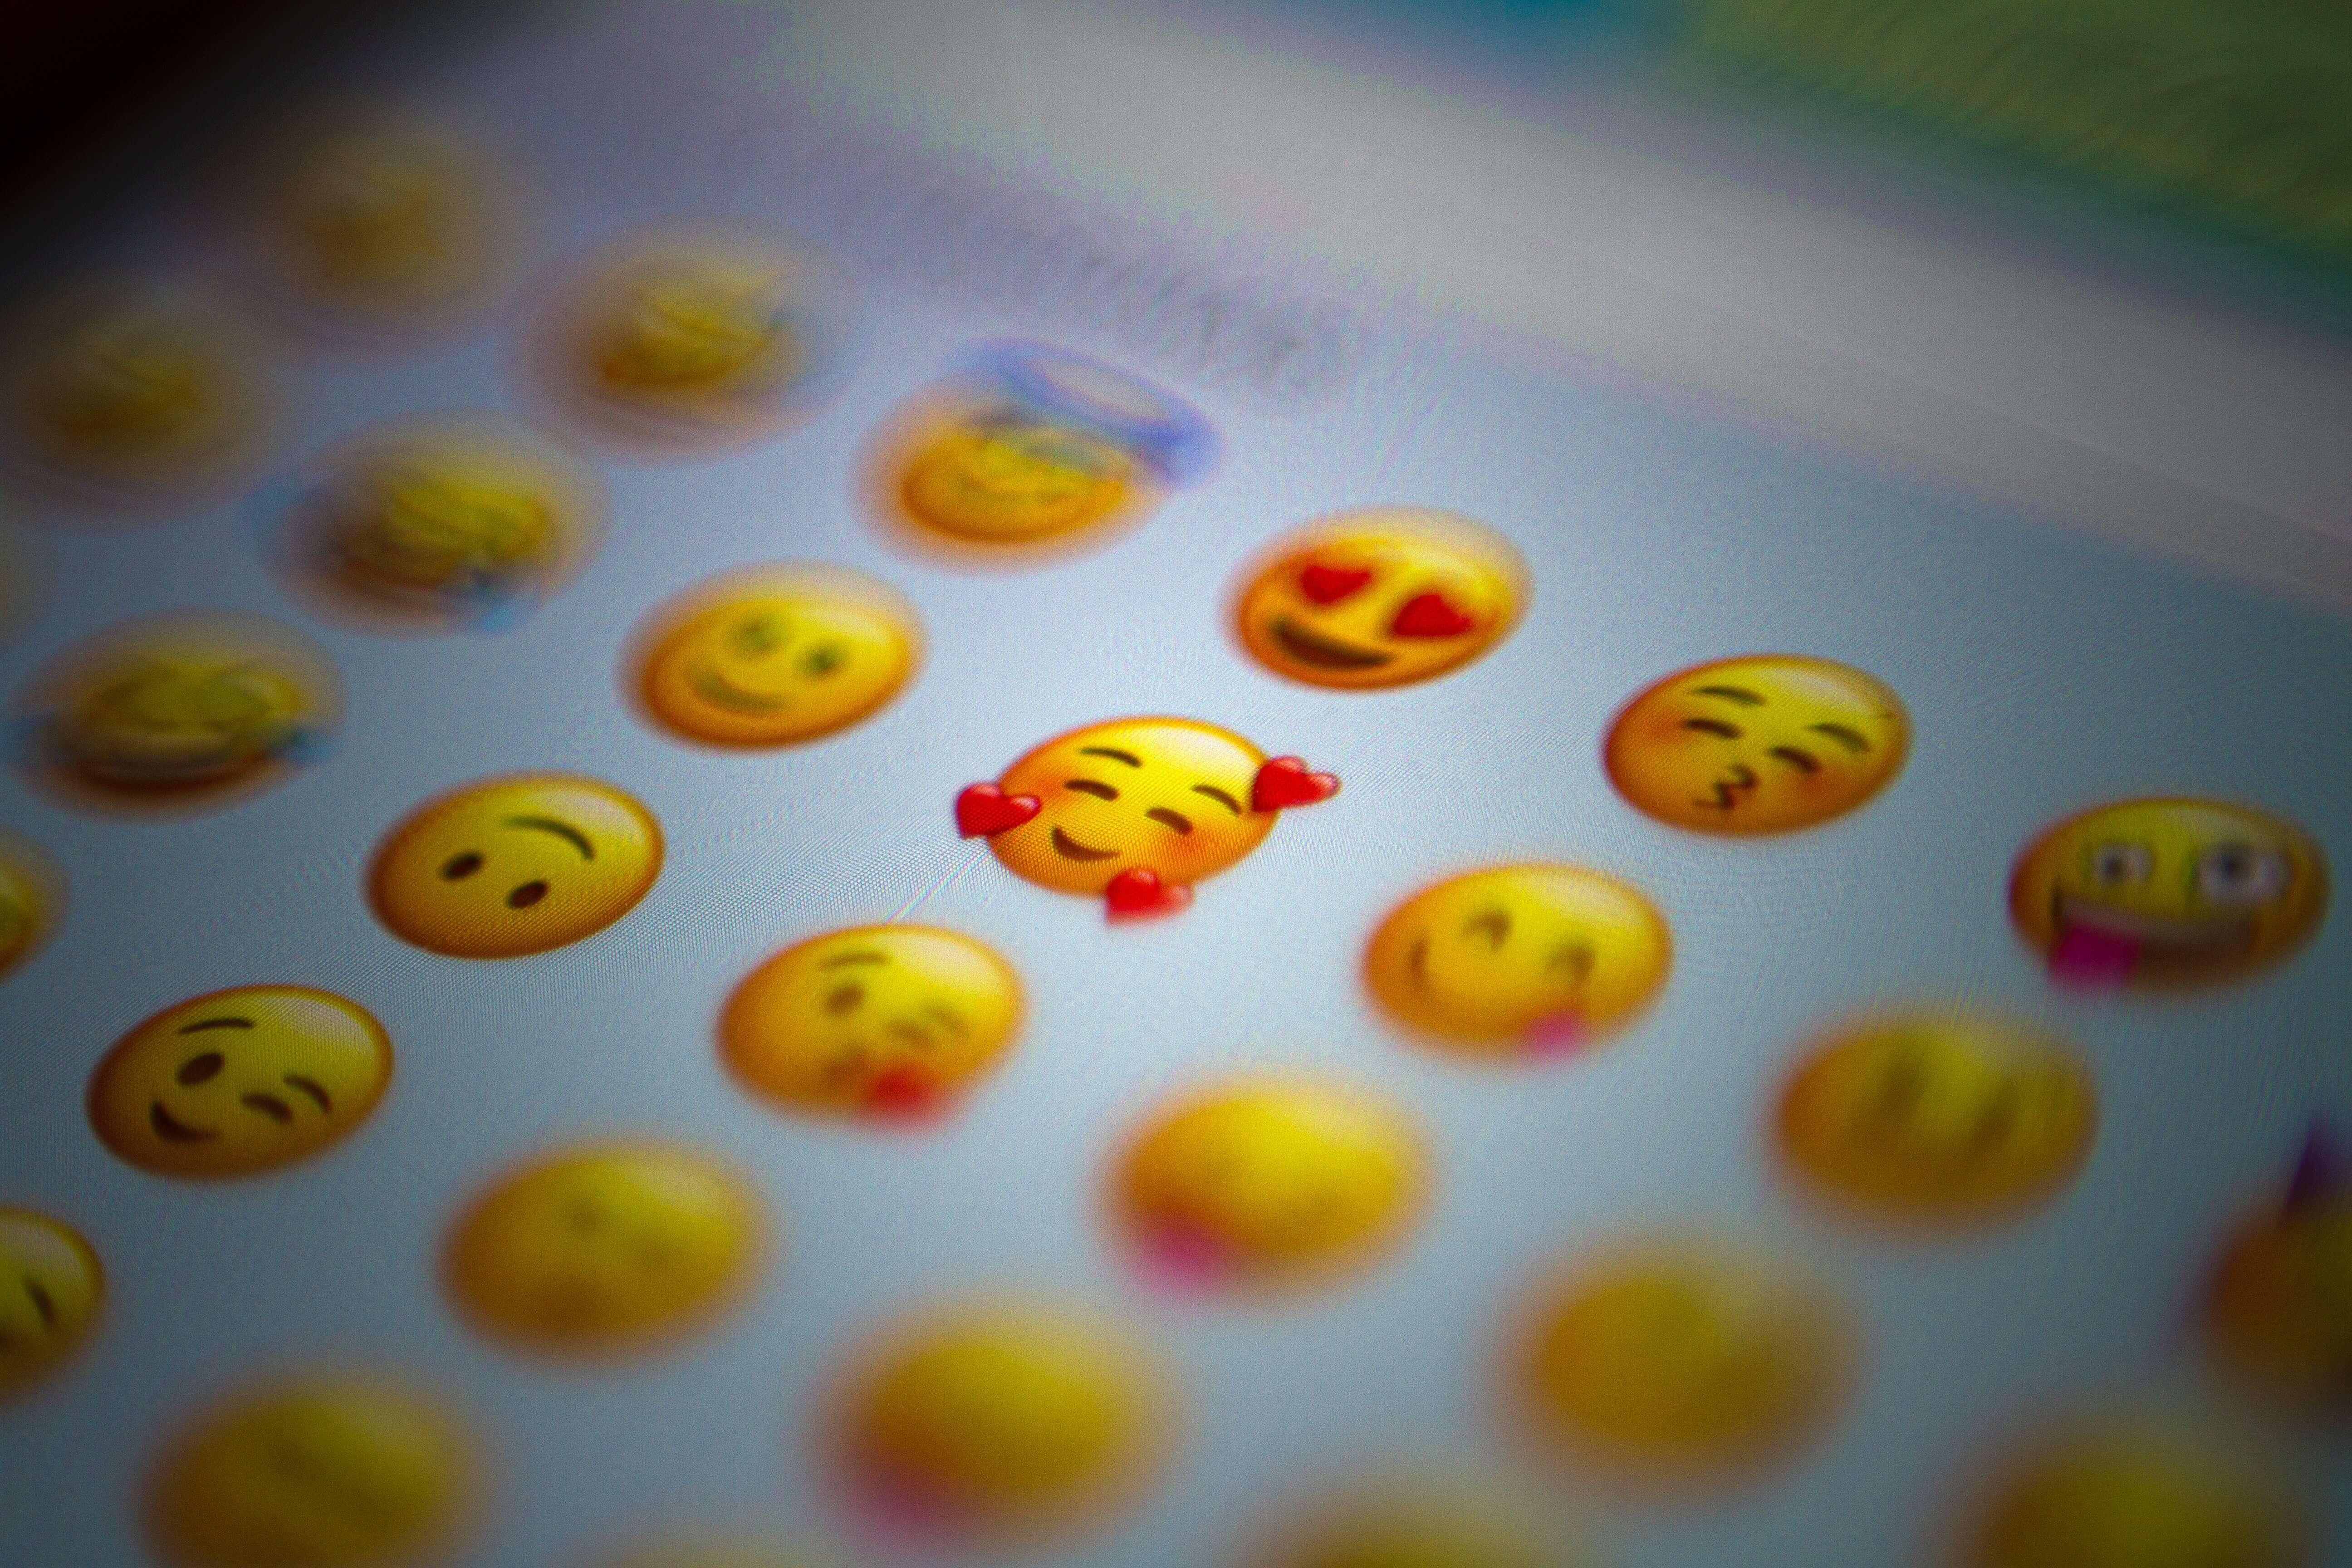 World Emoji Day: Why should you use emojis?